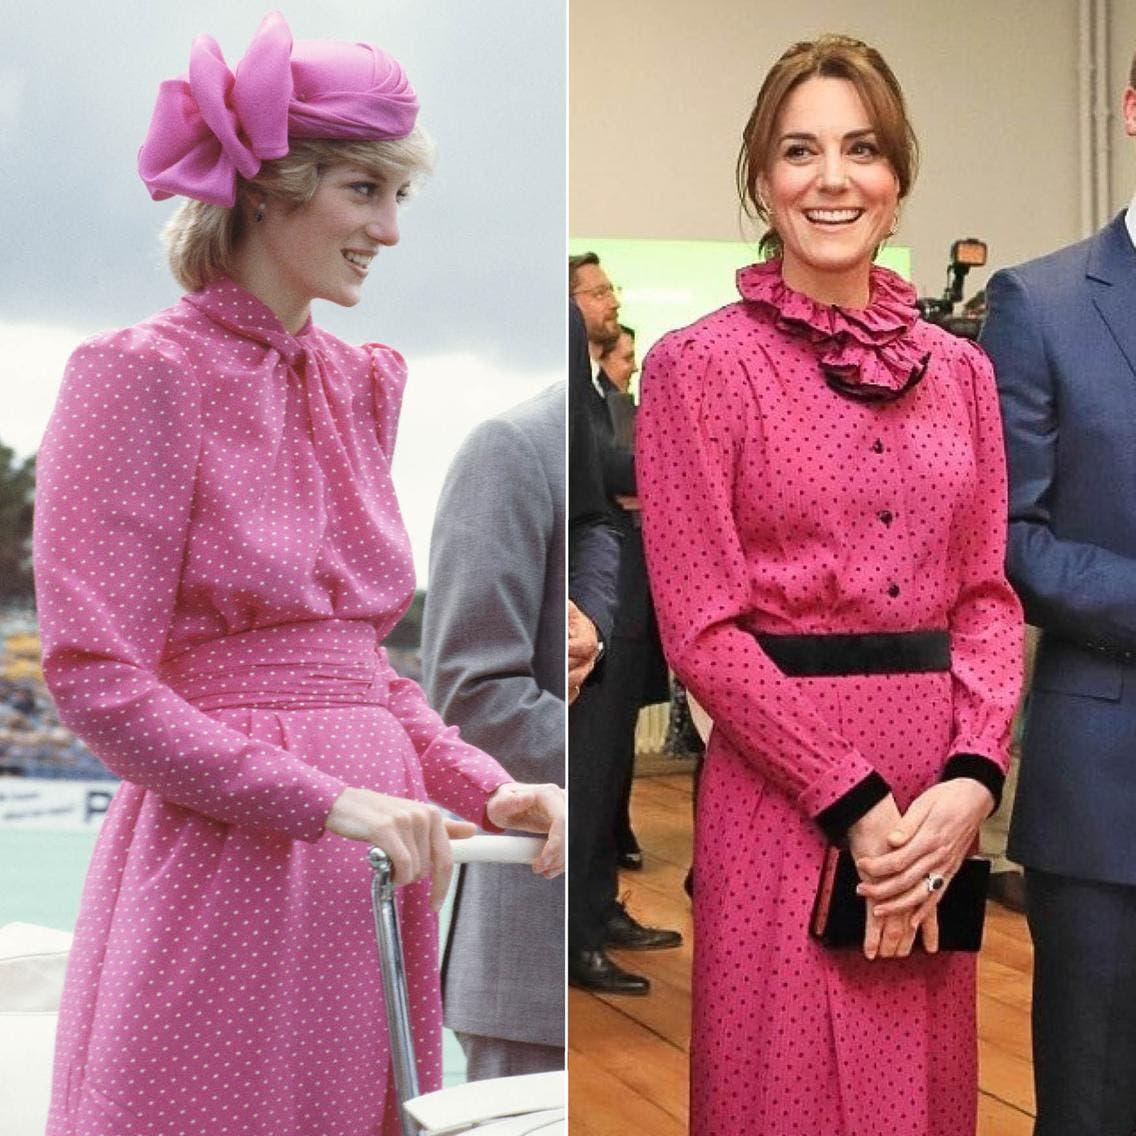 كايت بإطلالة فينتاج تستحضر أناقة الأميرة ديانا